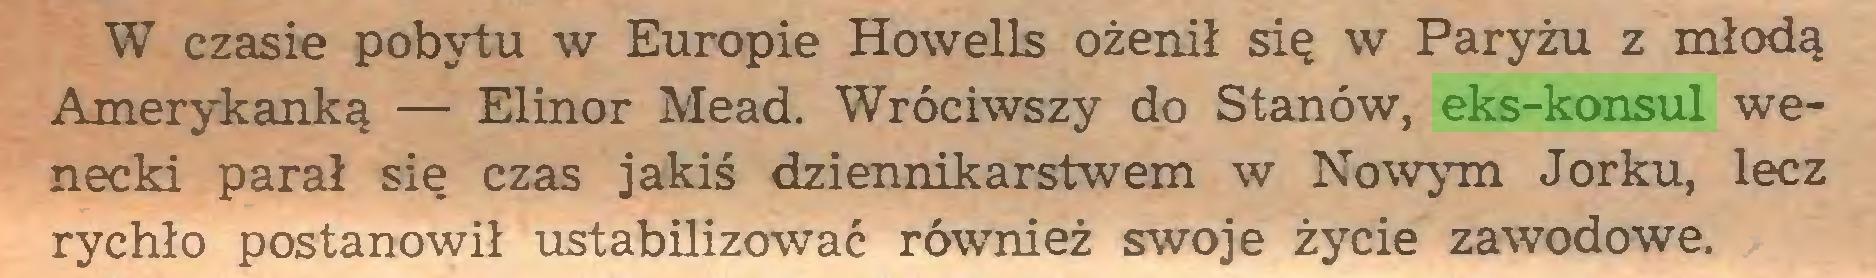 (...) W czasie pobytu w Europie Howells ożenił się w Paryżu z młodą Amerykanką — Elinor Mead. Wróciwszy do Stanów, eks-konsul wenecki parał się czas jakiś dziennikarstwem w Nowym Jorku, lecz rychło postanowił ustabilizować również swoje życie zawodowe...